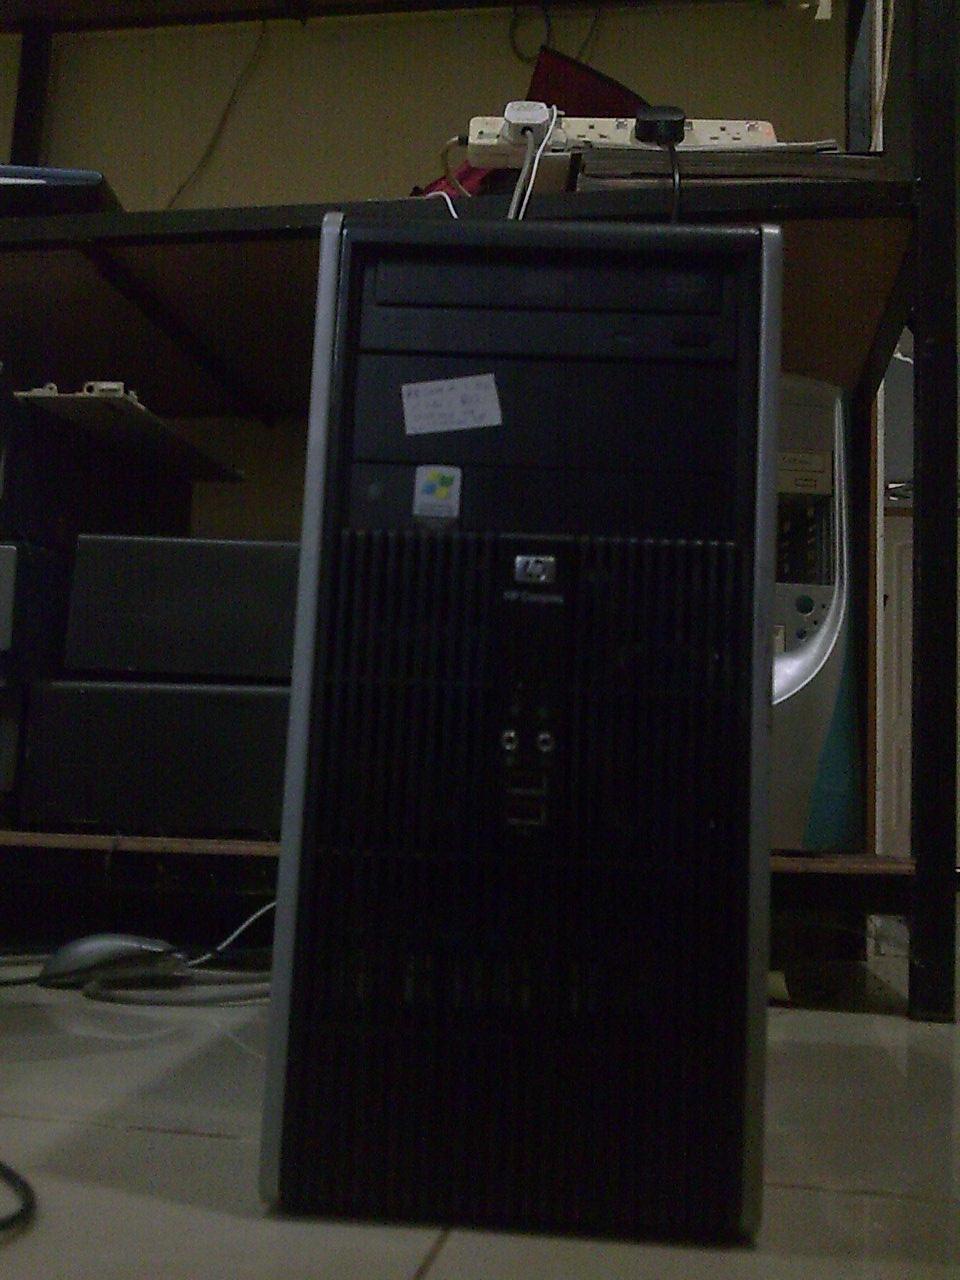 Cpu dual core untuk di jual HP compaq dc5700 murah